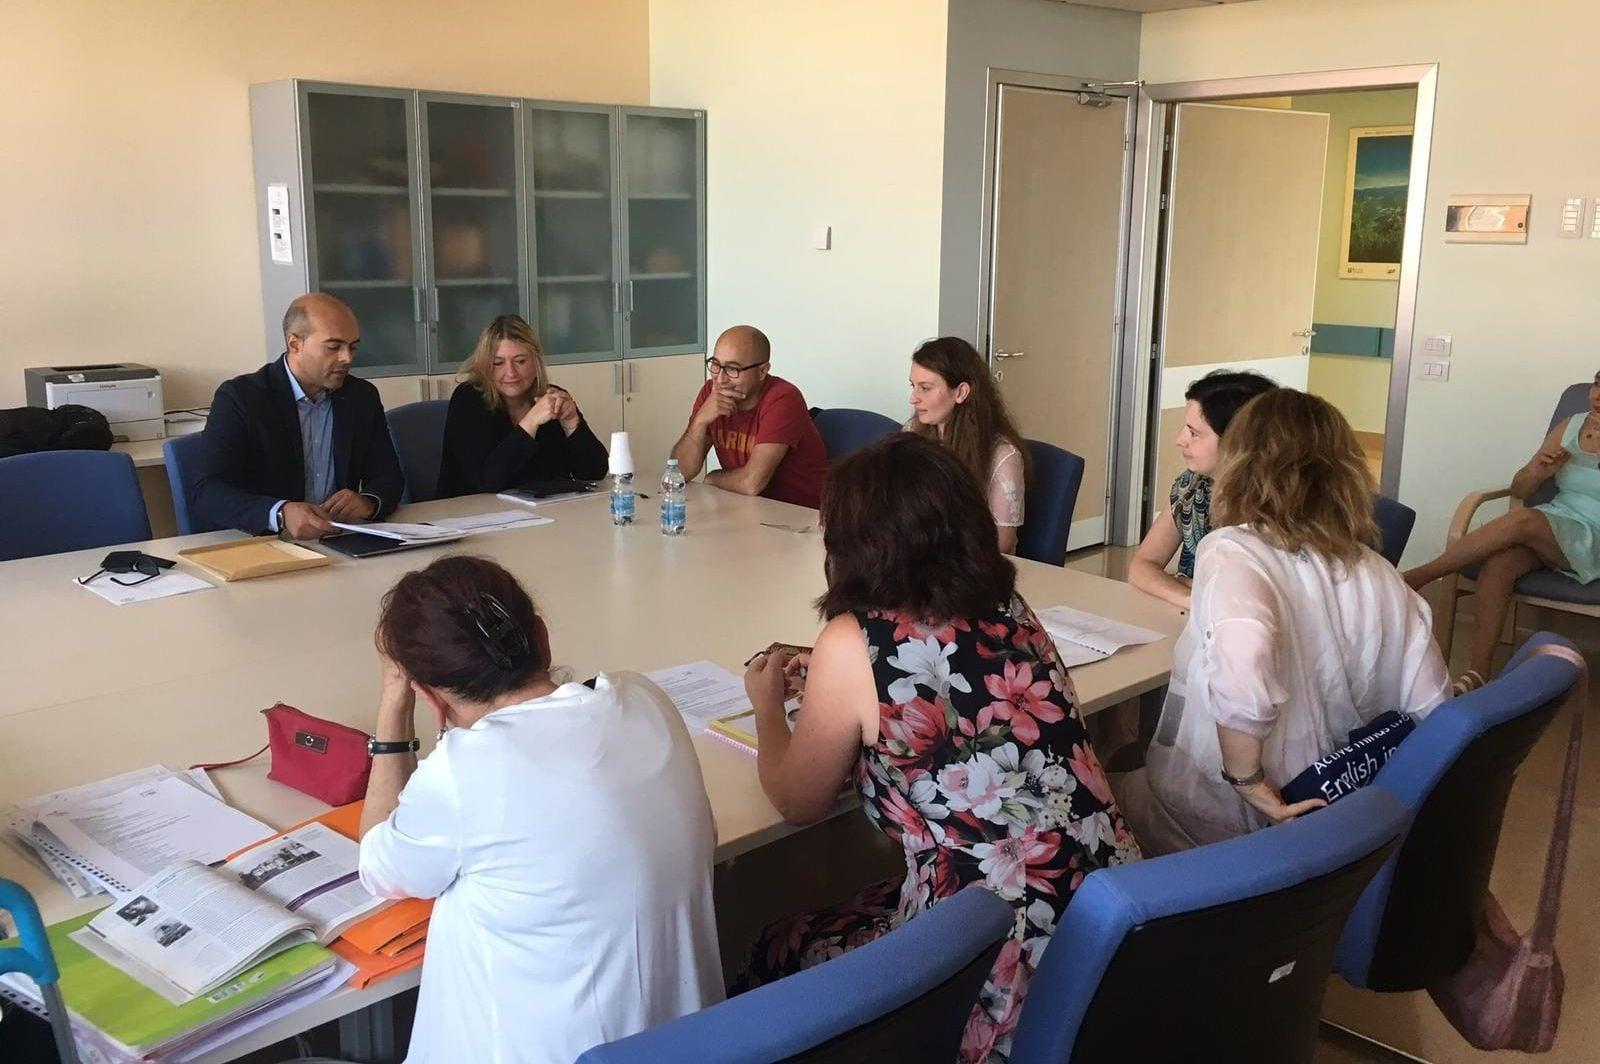 La prova orale nella sala riunioni del reparto di Medicina 1 dell'Ospedale di Circolo di Varese